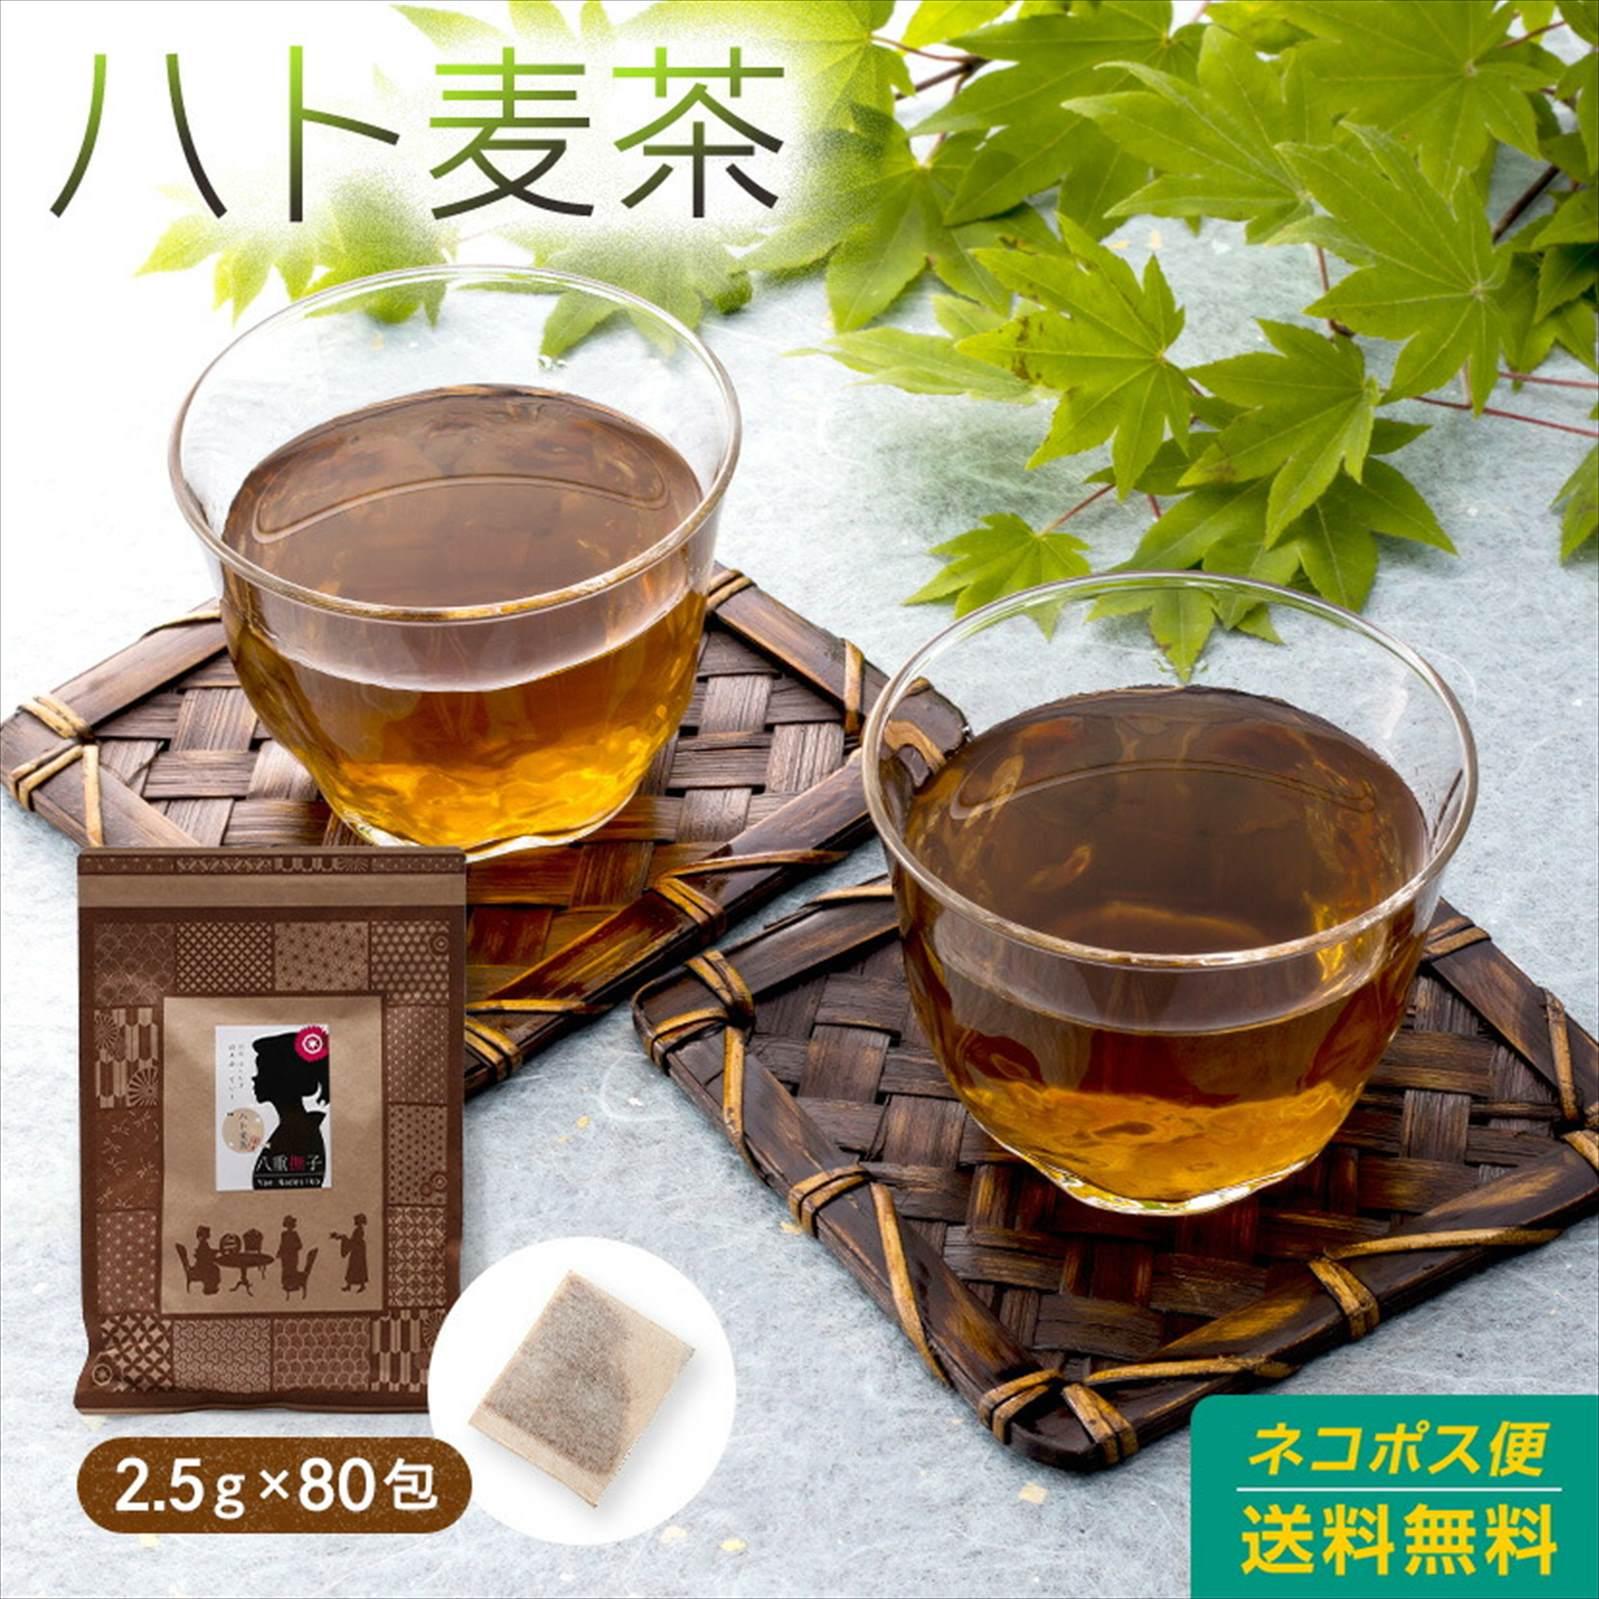 国産はと麦茶 ティーバッグ200g(2.5g×80包)